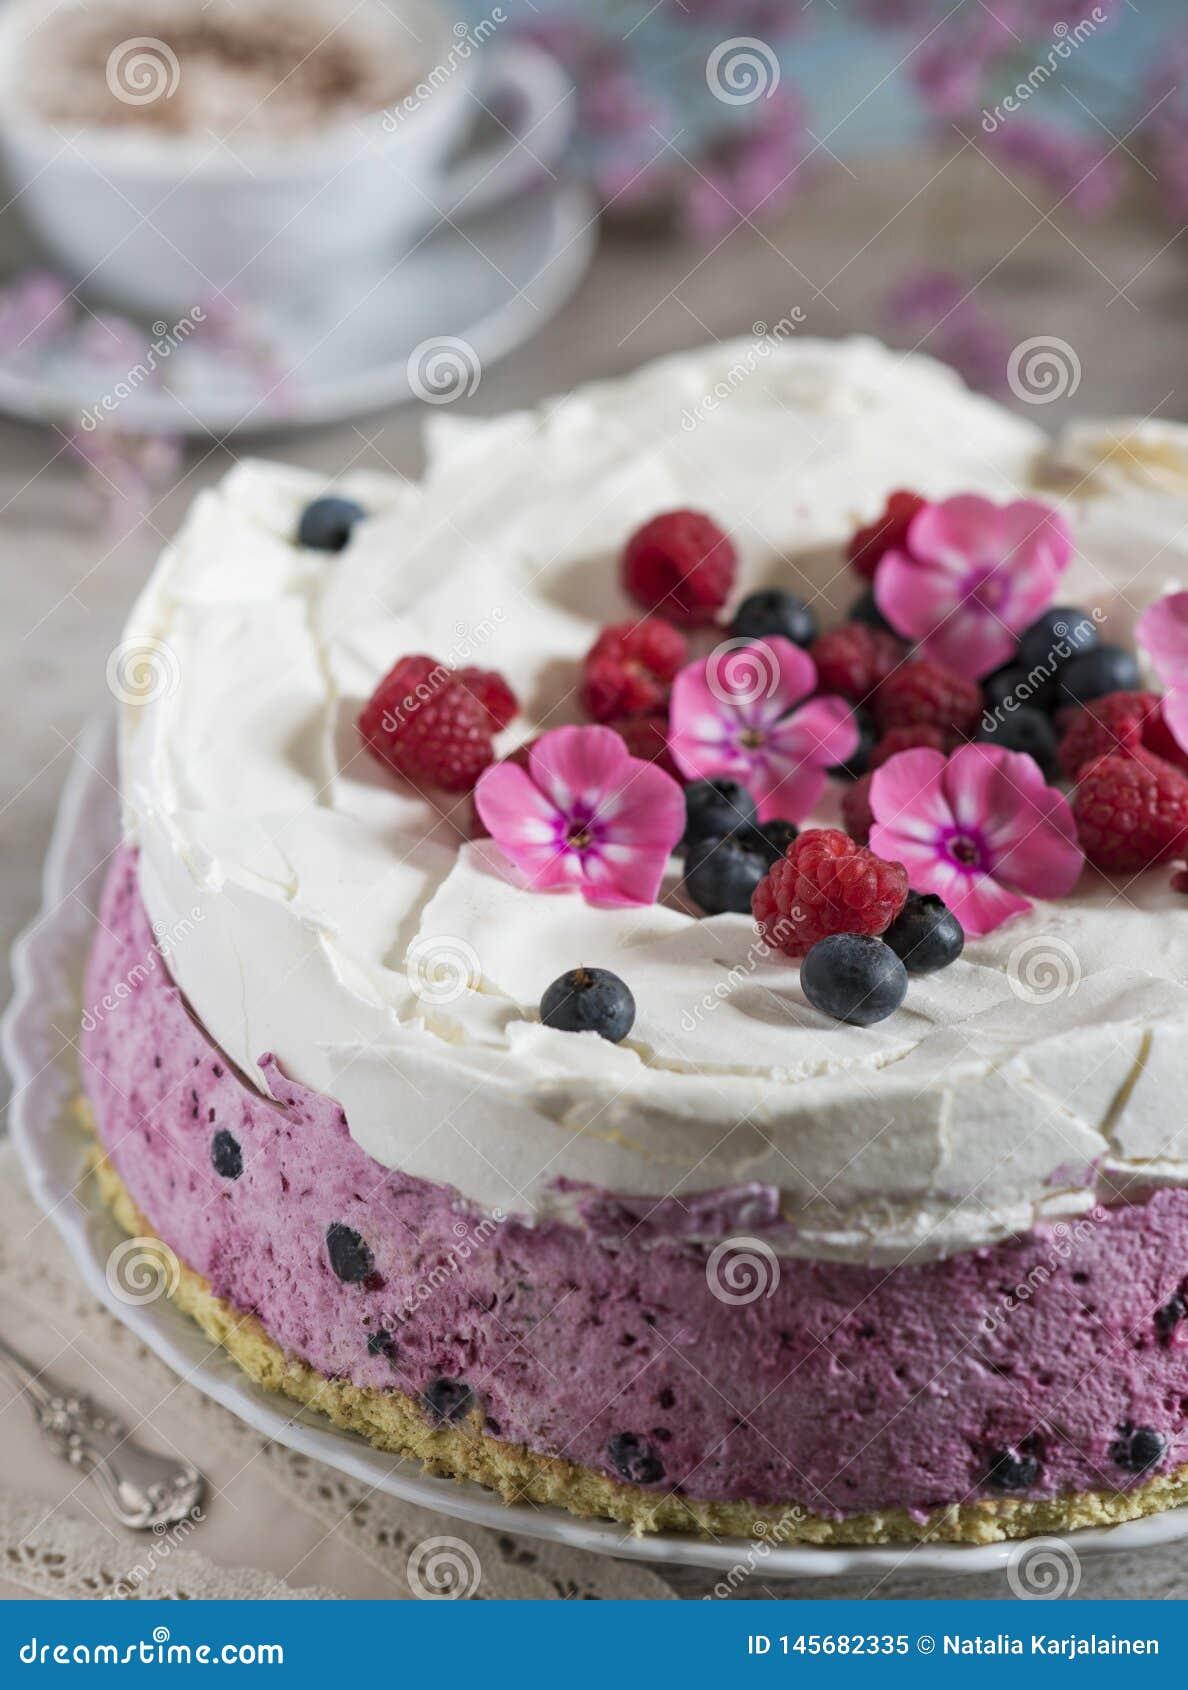 Праздничный торт с ягодами и чашкой ароматичного кофе Винтажная салфетка, ложка и розовые цветки